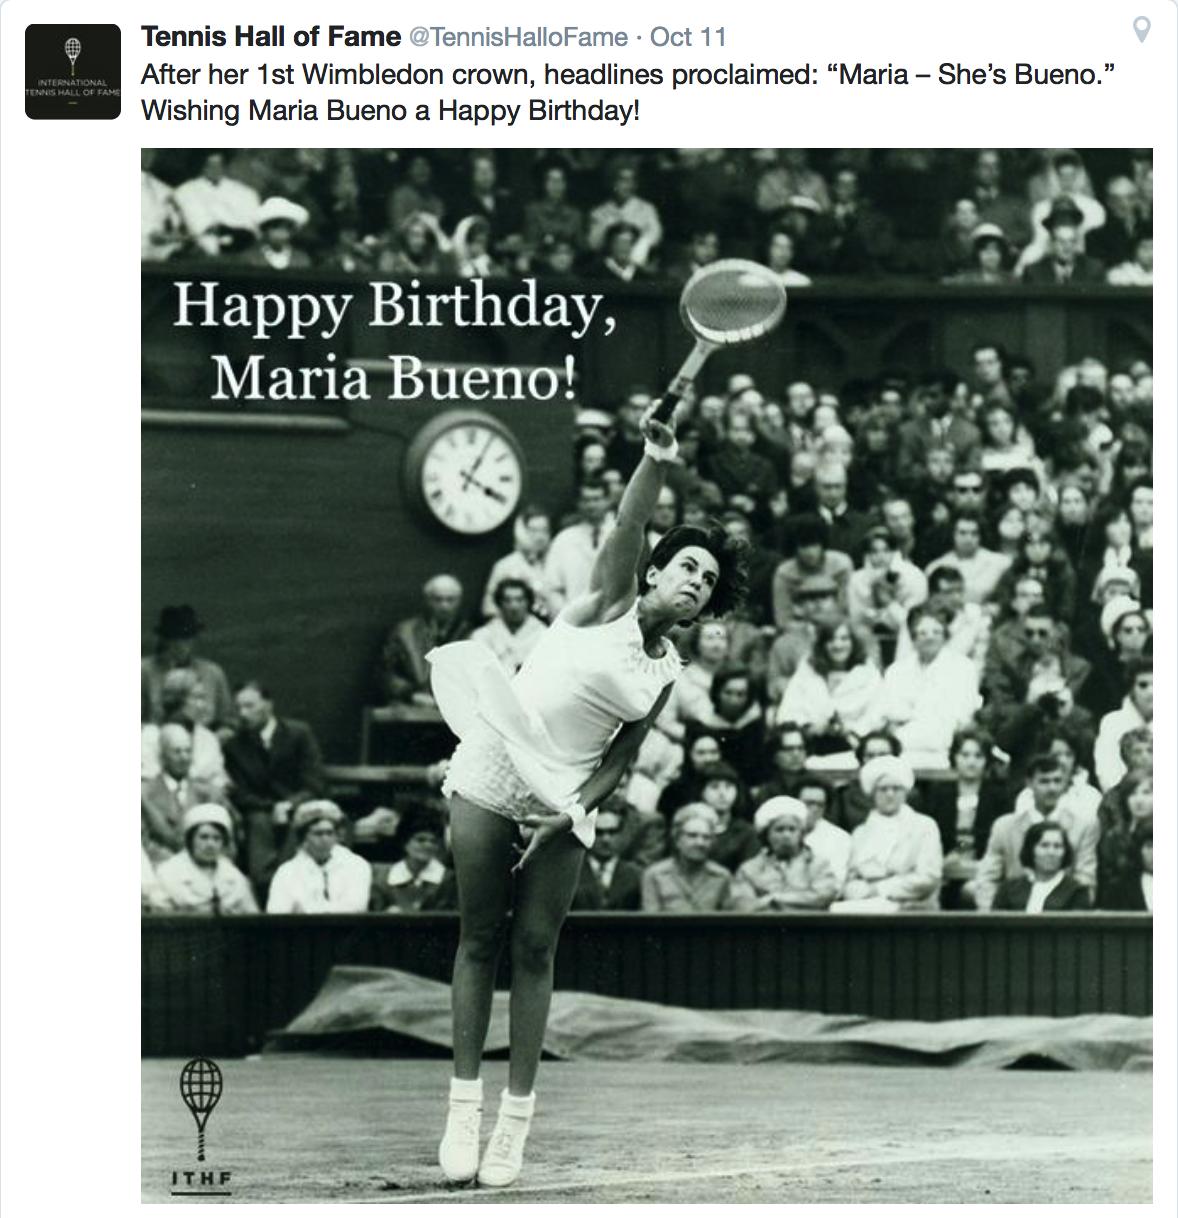 Happy Birthday Maria Bueno